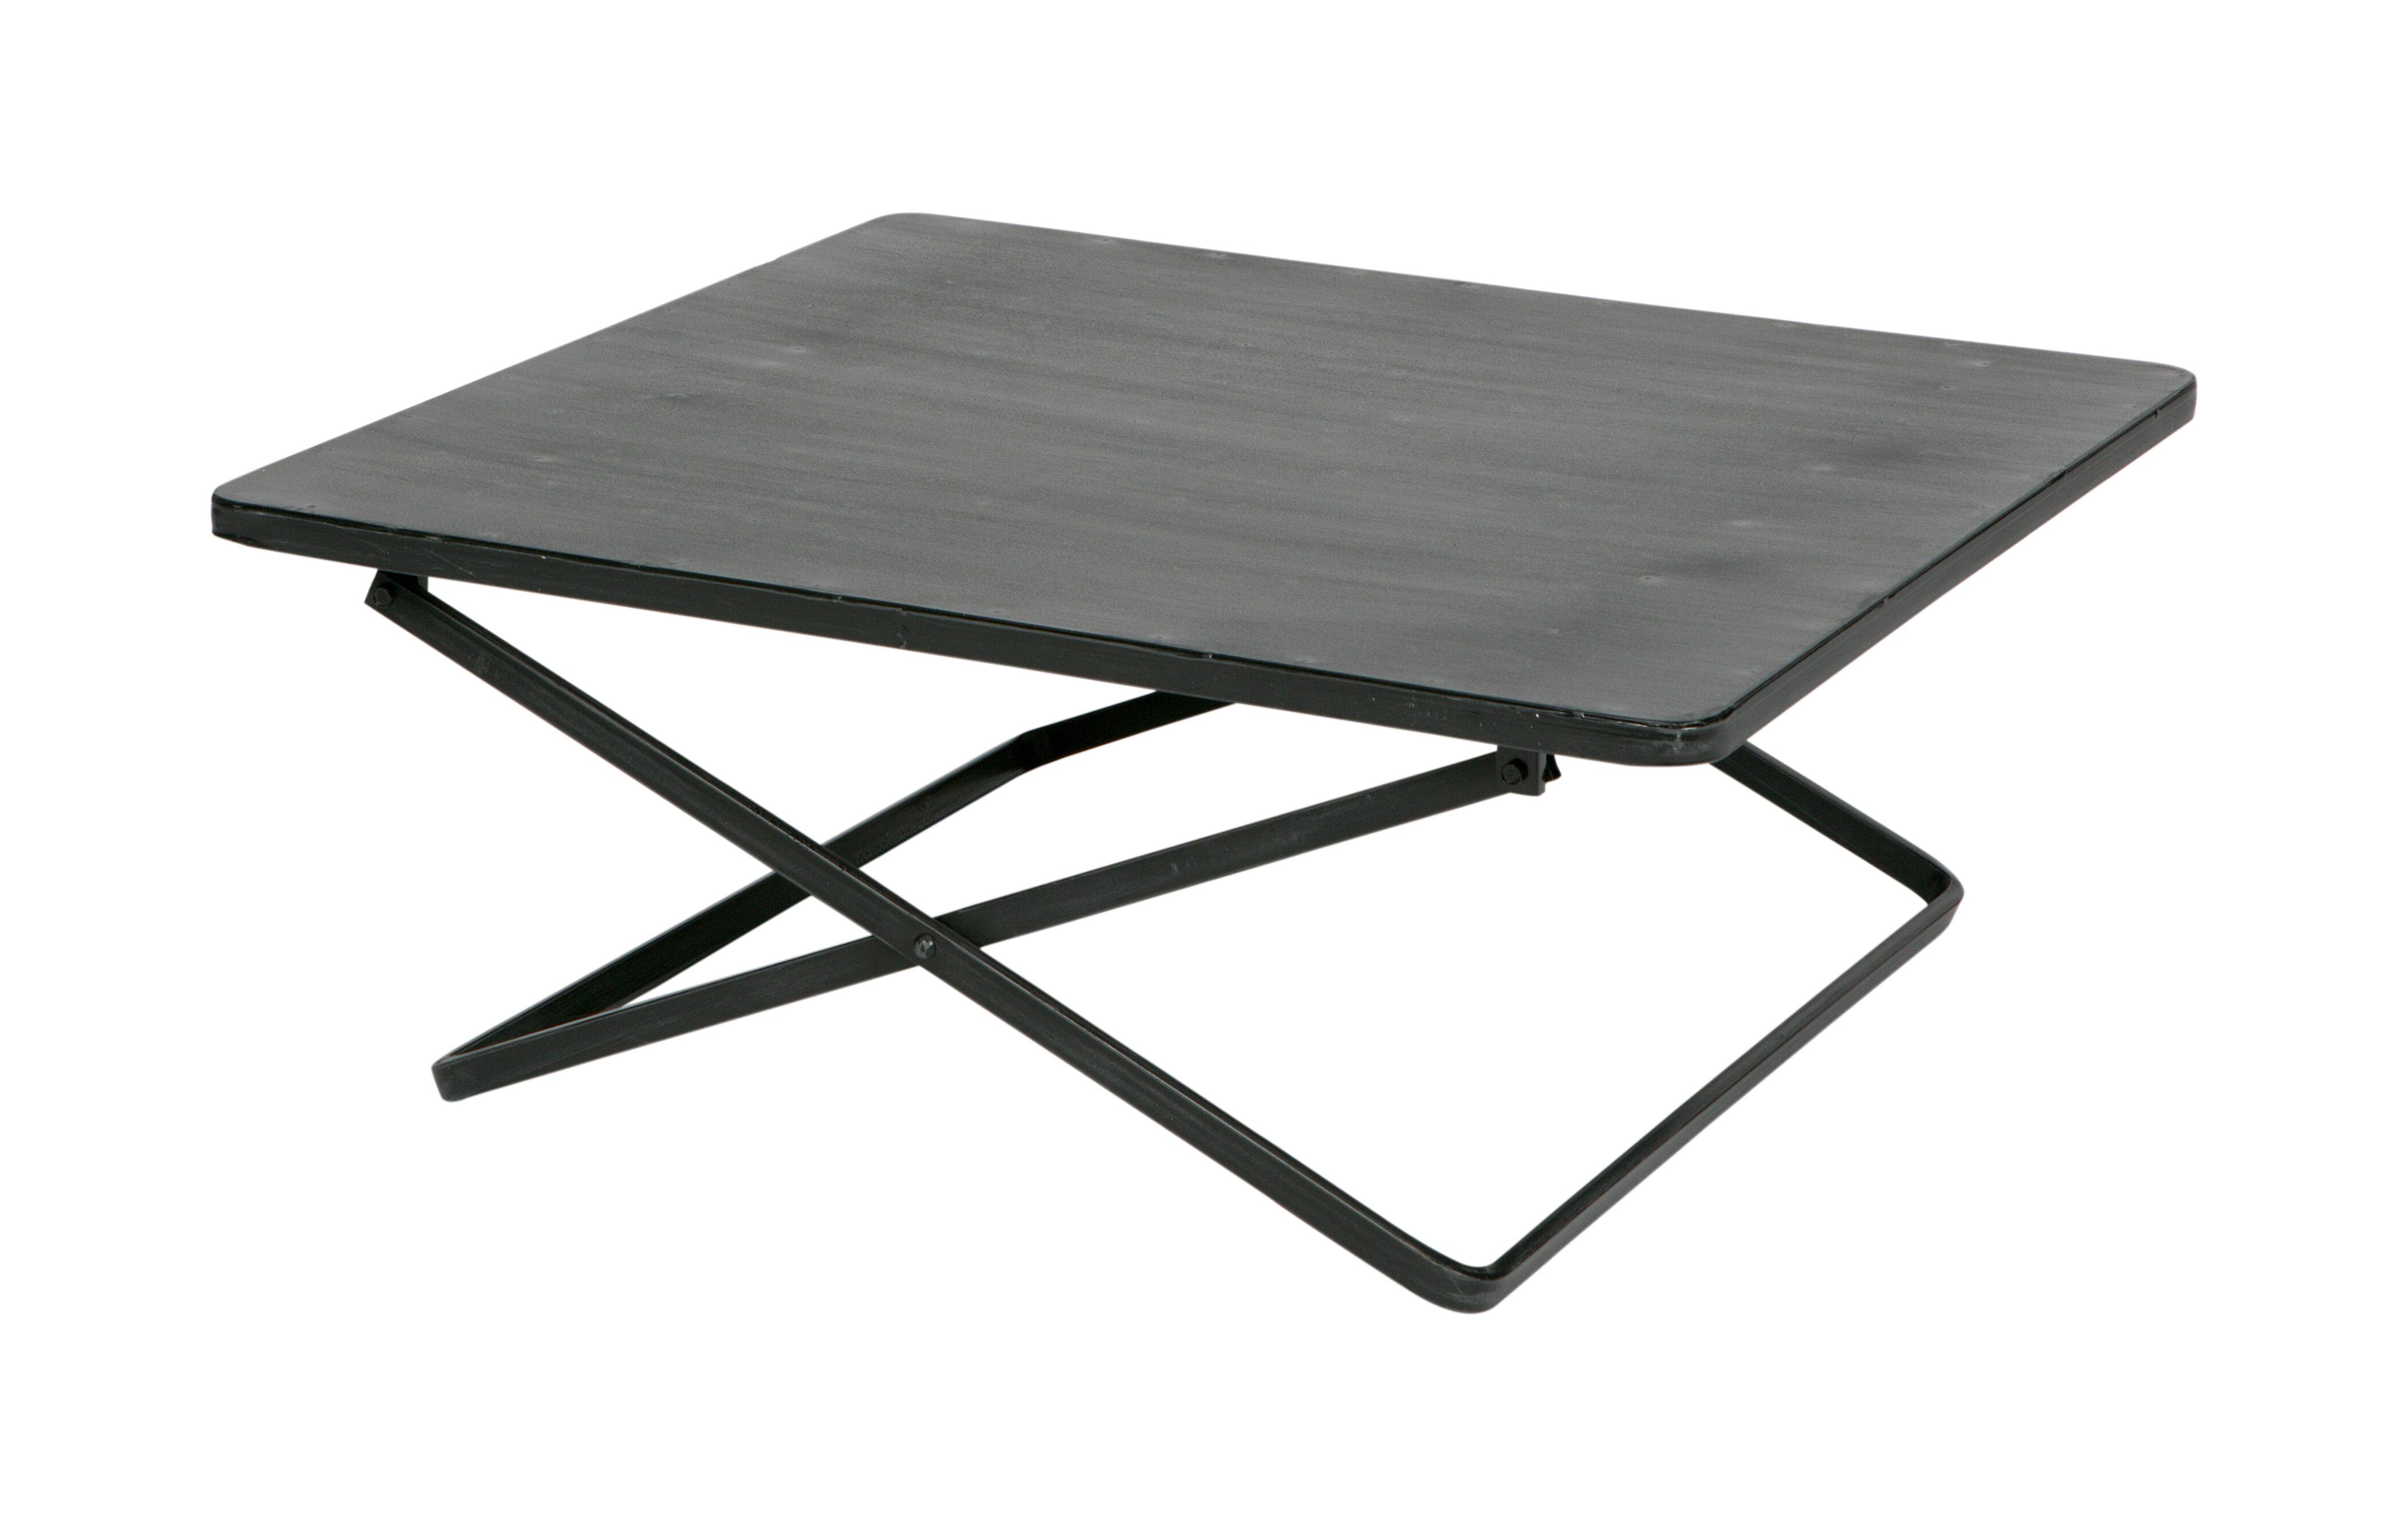 vtwonen Bijzettafel 'Crux' 76 x 70cm, kleur Zwart met voordeel snel in huis via Meubel Partner